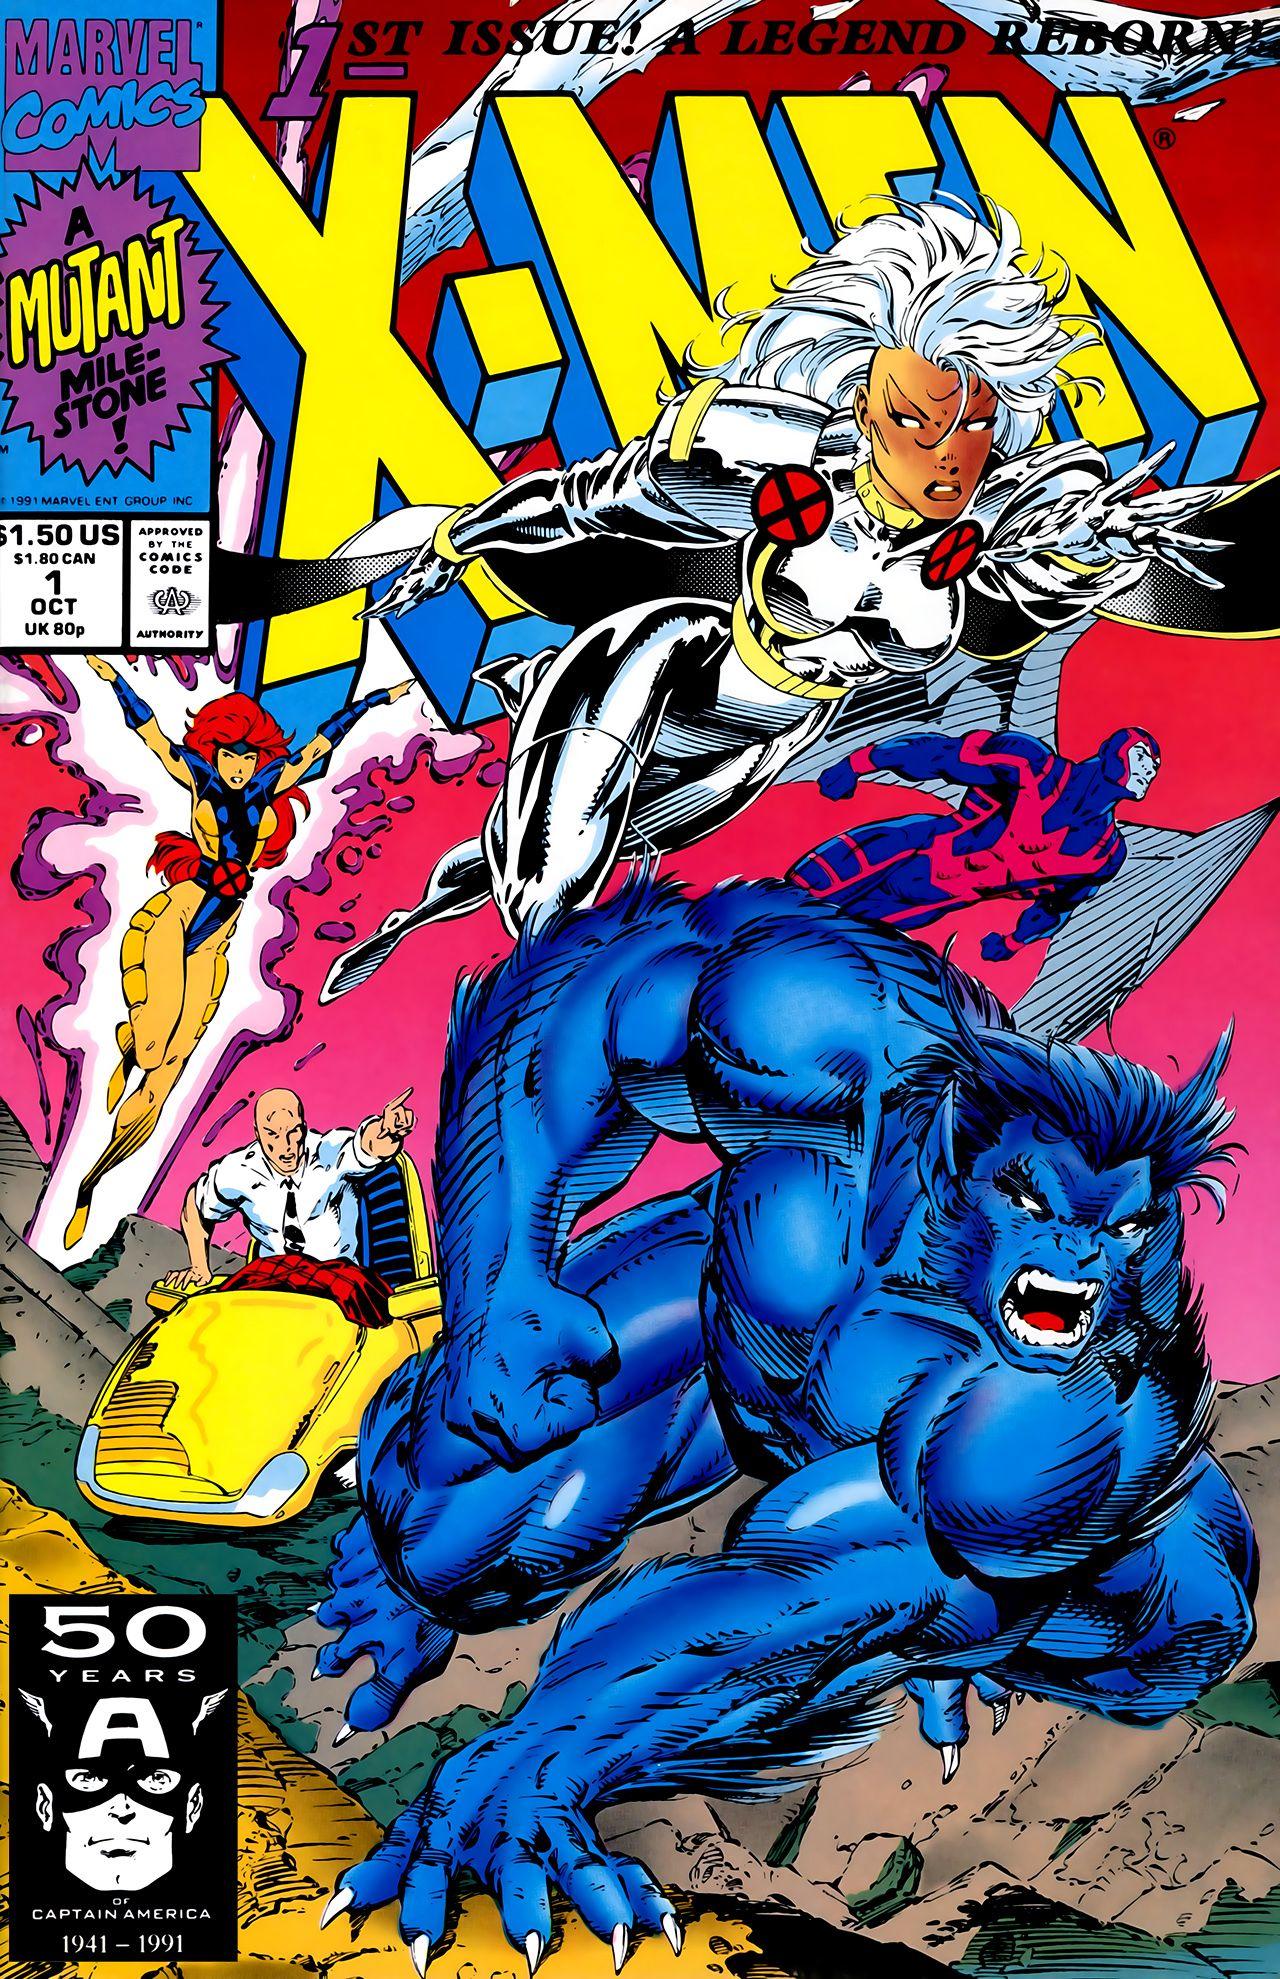 X Men Vol 2 1 Rare Comic Books Marvel Comics Covers Marvel Comic Books